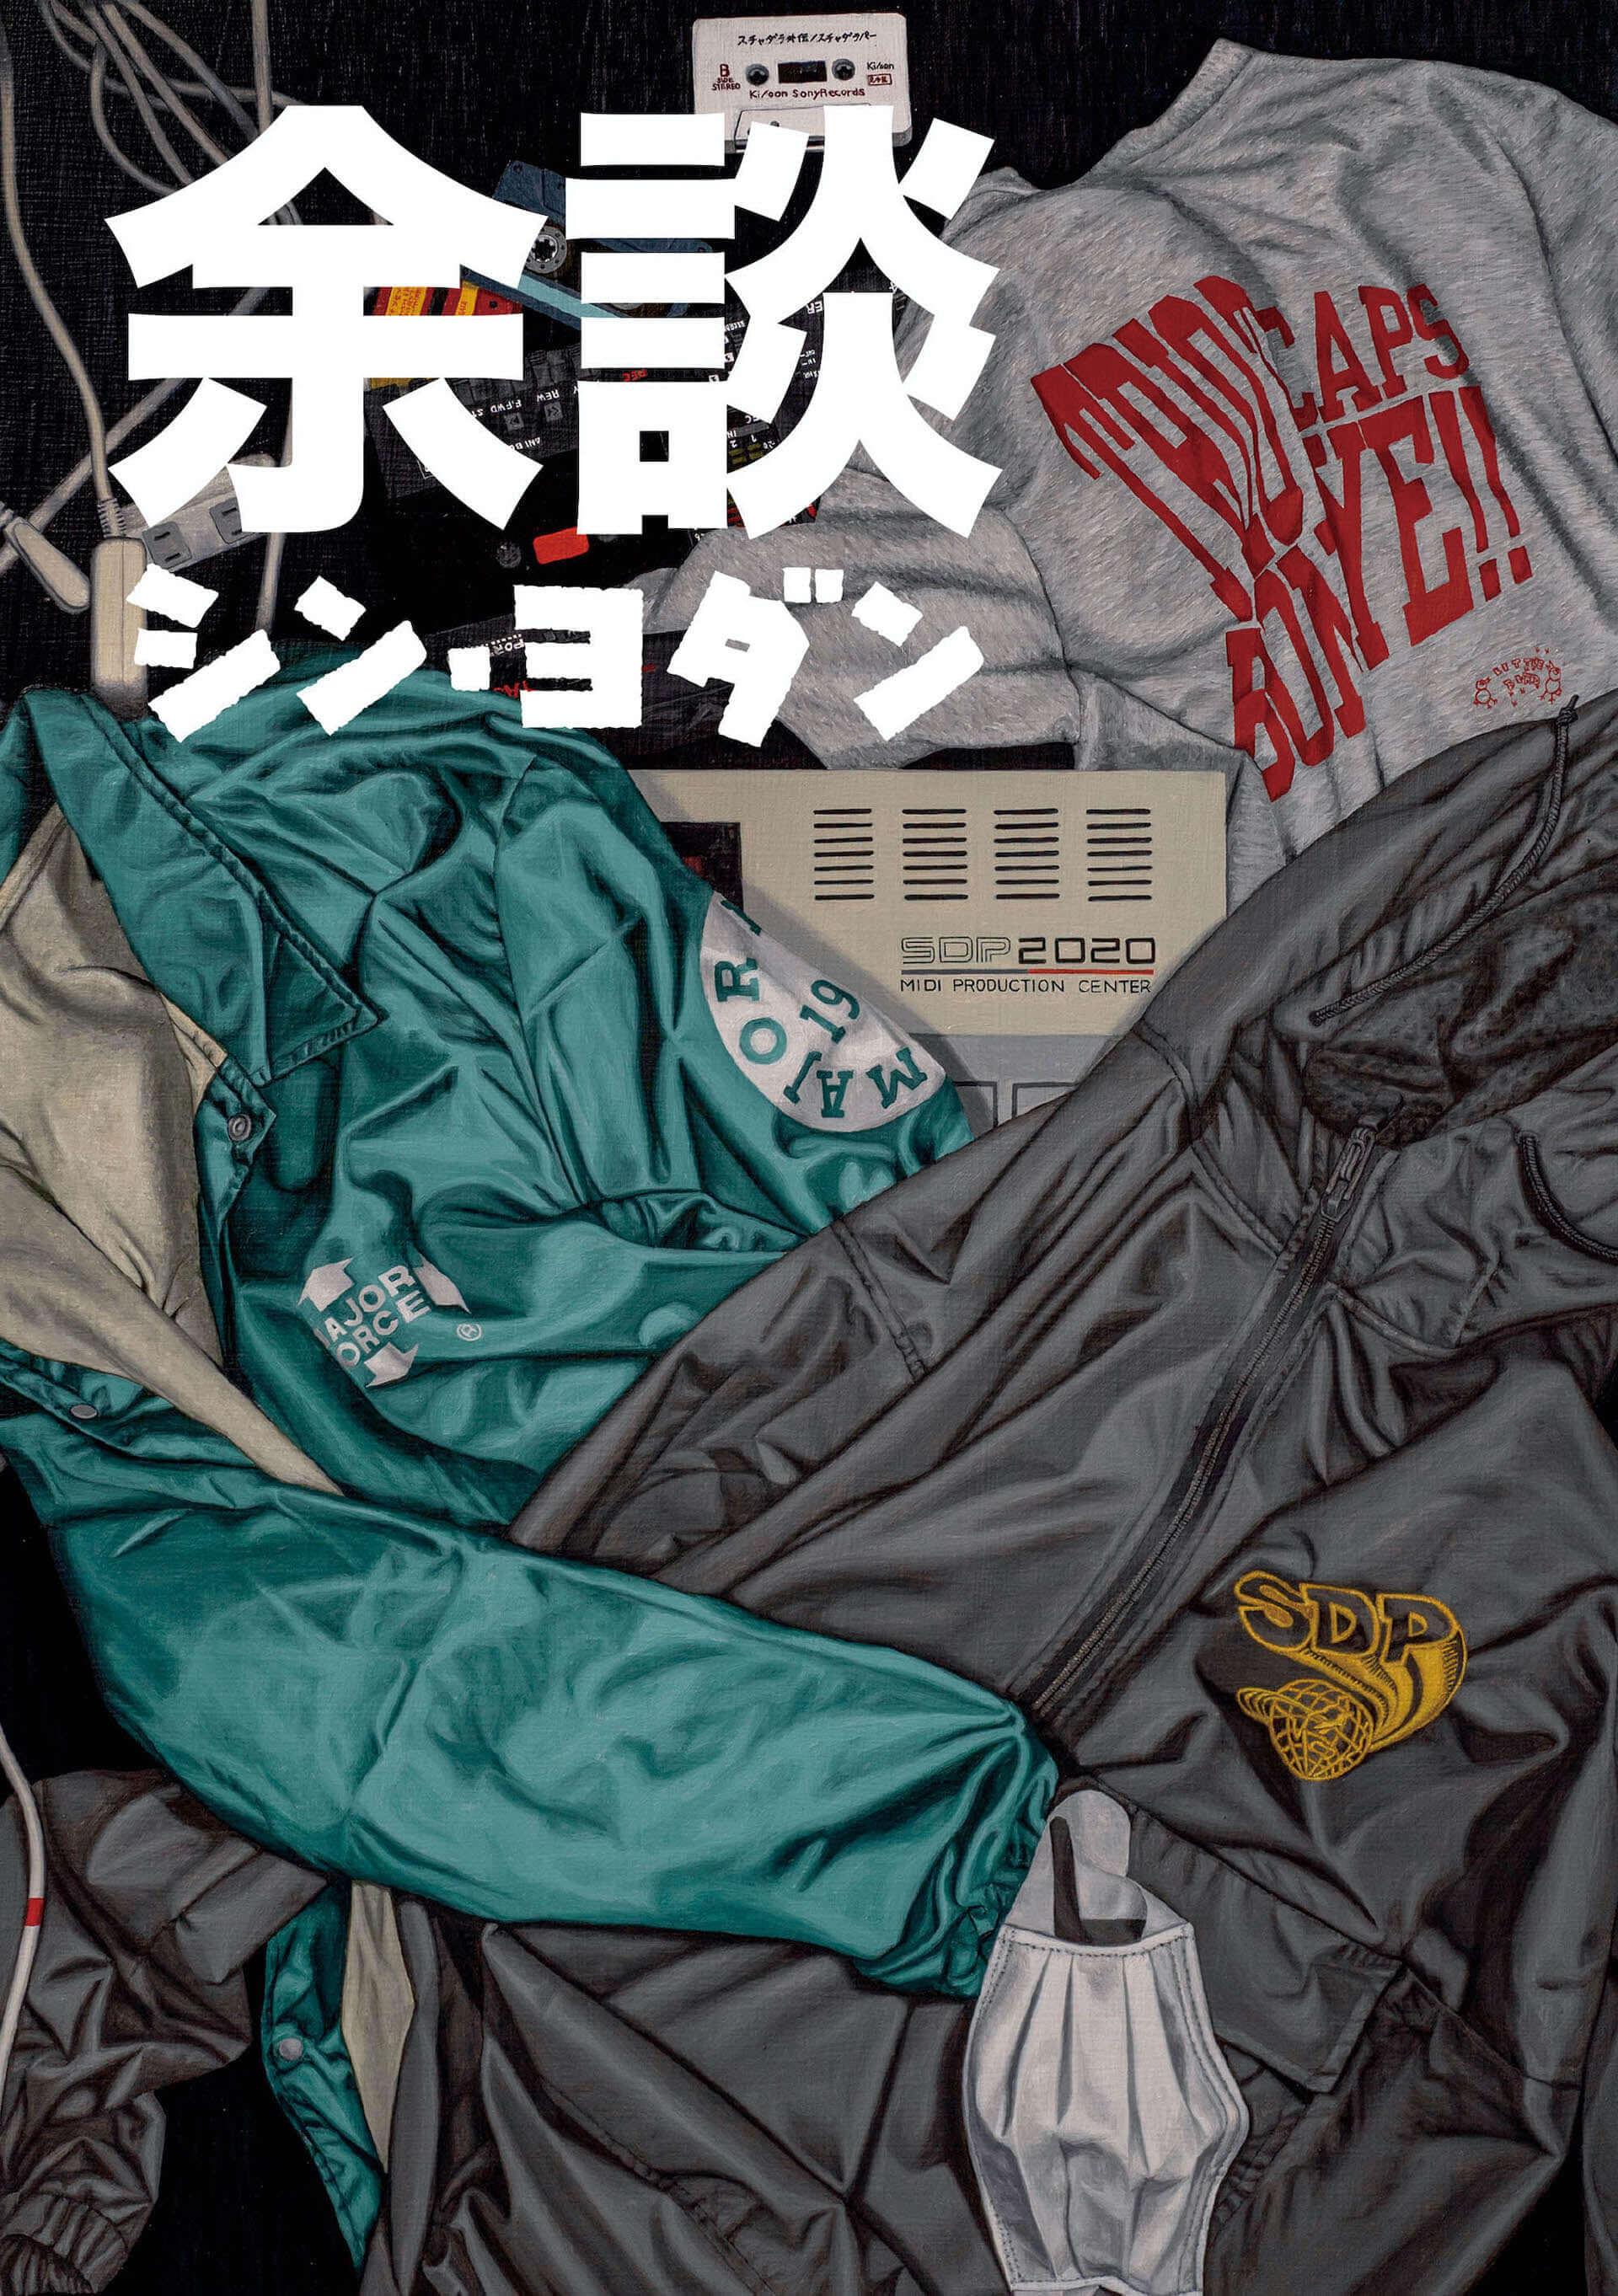 スチャダラパーが編集人を務める『余談 シン・ヨダン』最新号がオンラインにて発売!宮藤官九郎、宇多丸など豪華執筆陣が登場 ac200521_yodan_01-1920x2725